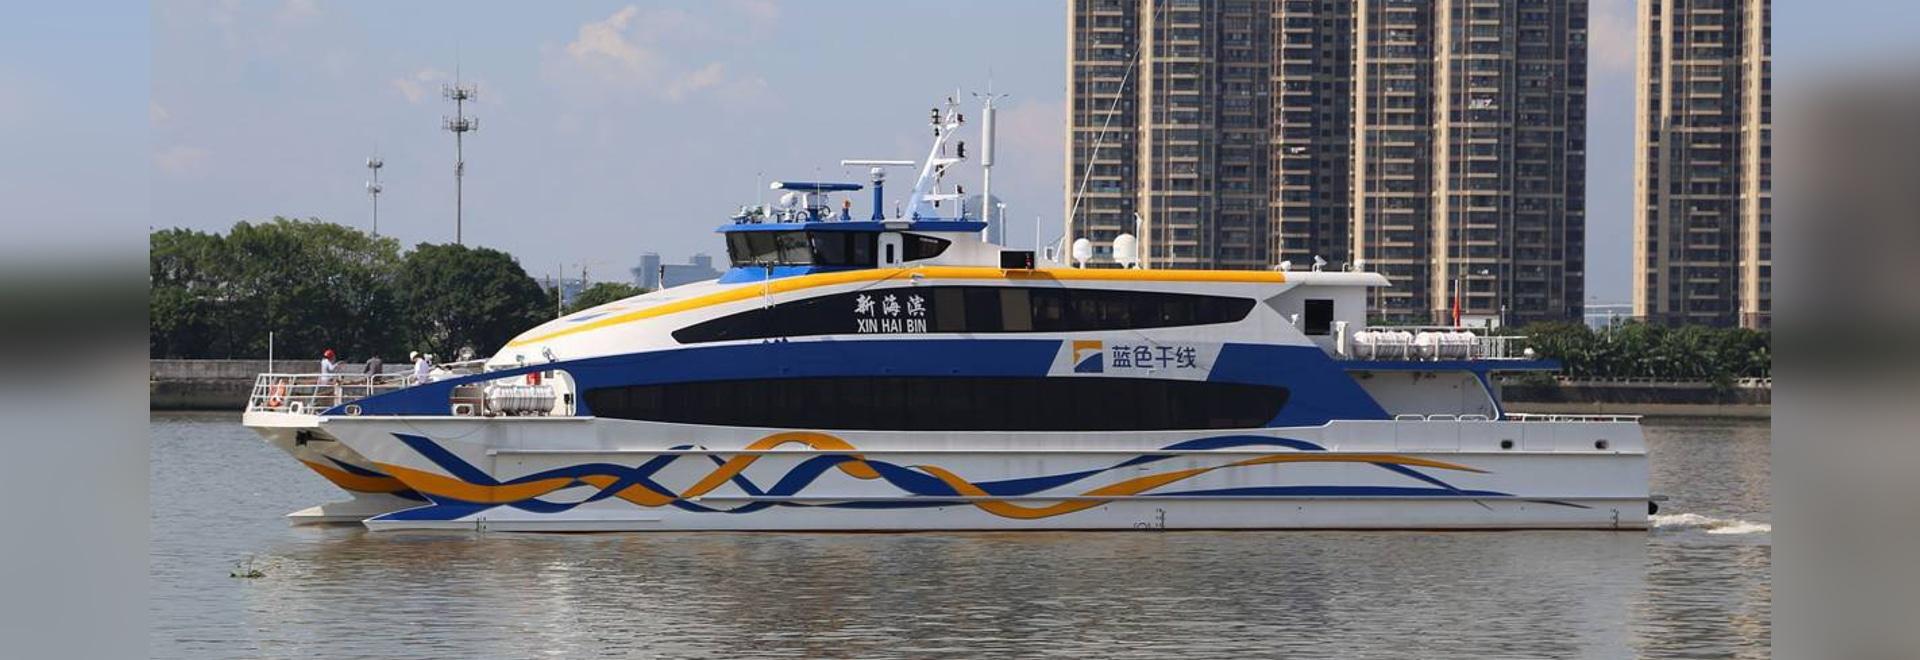 Xin Hai Bin